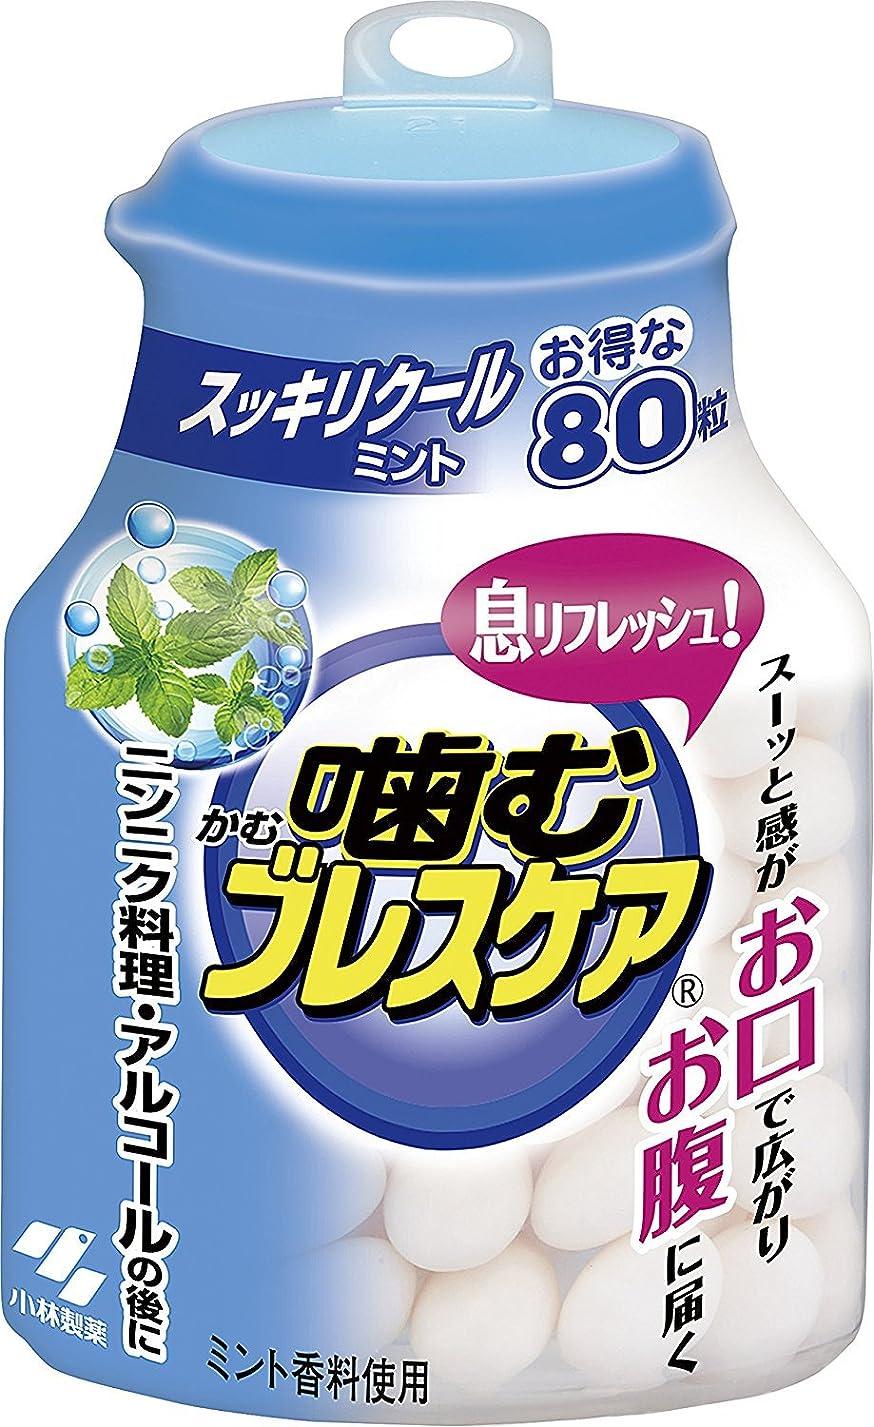 理由感染する噛むブレスケア 息リフレッシュグミ スッキリクールミント ボトルタイプ お得な80粒